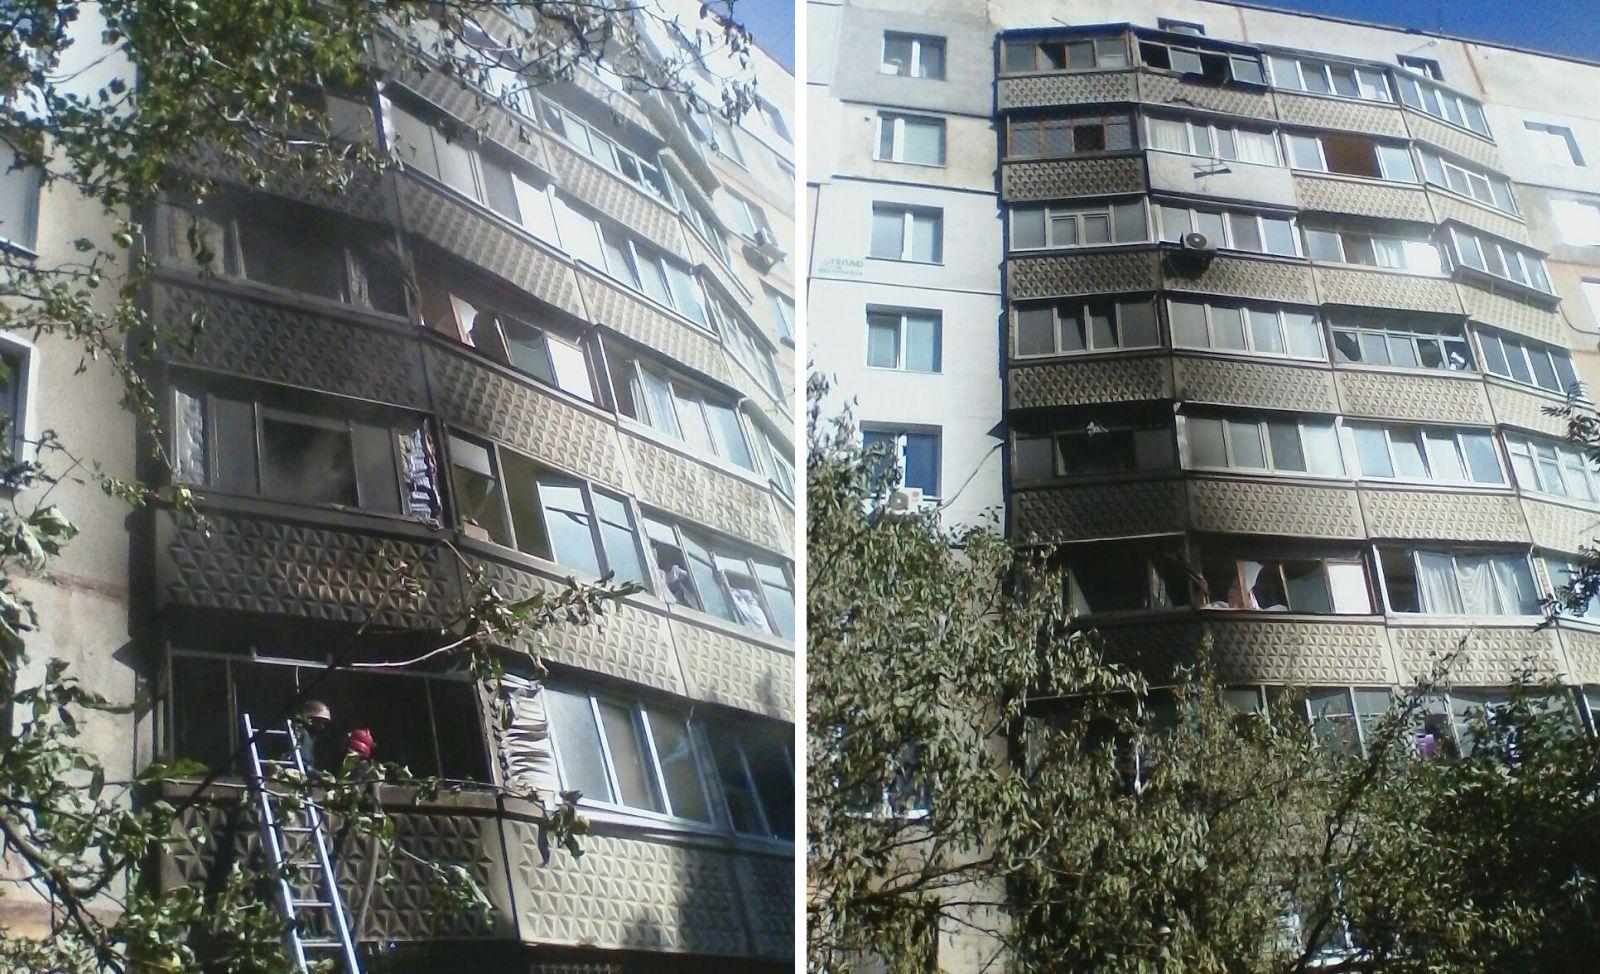 Стало известно, при каких обстоятельствах произошел взрыв в харьковской многоэтажке